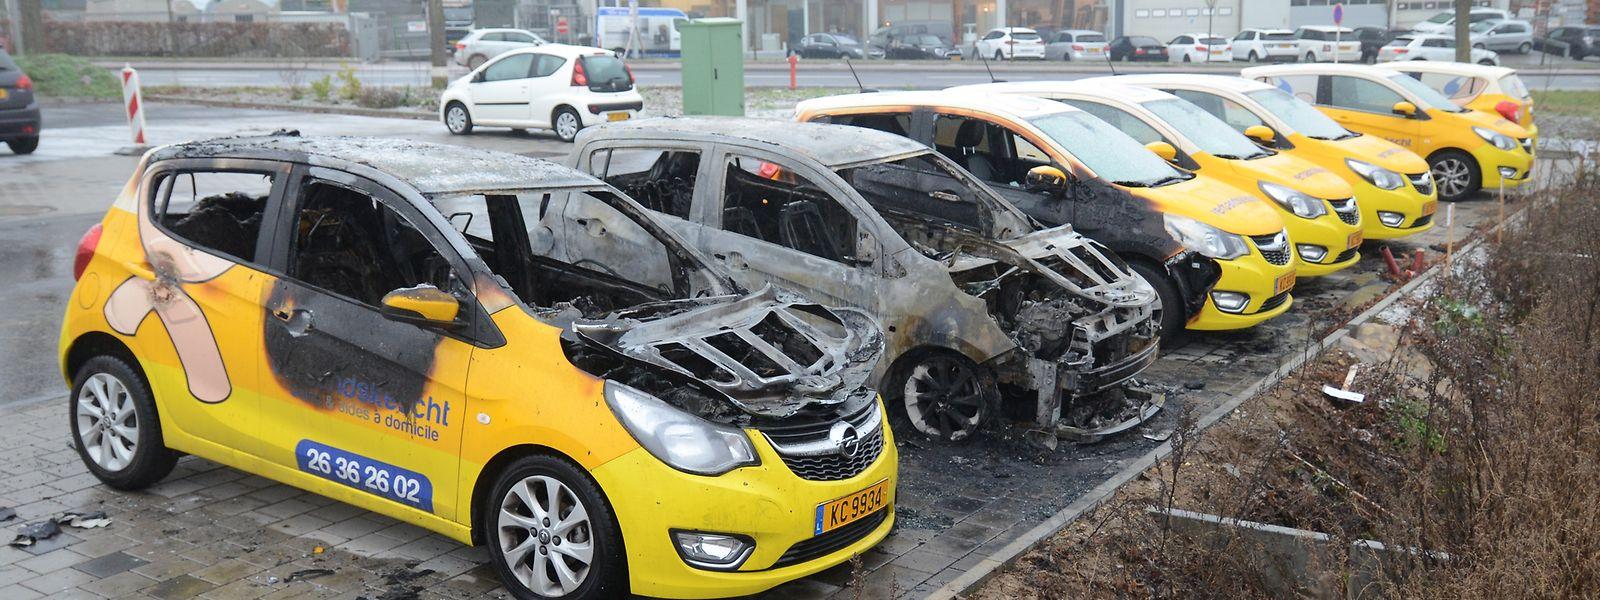 Bei dieser Brandstiftung am 11. Januar in Alzingen brannten zwei Autos vollständig aus, zwei weitere wurden schwer beschädigt.